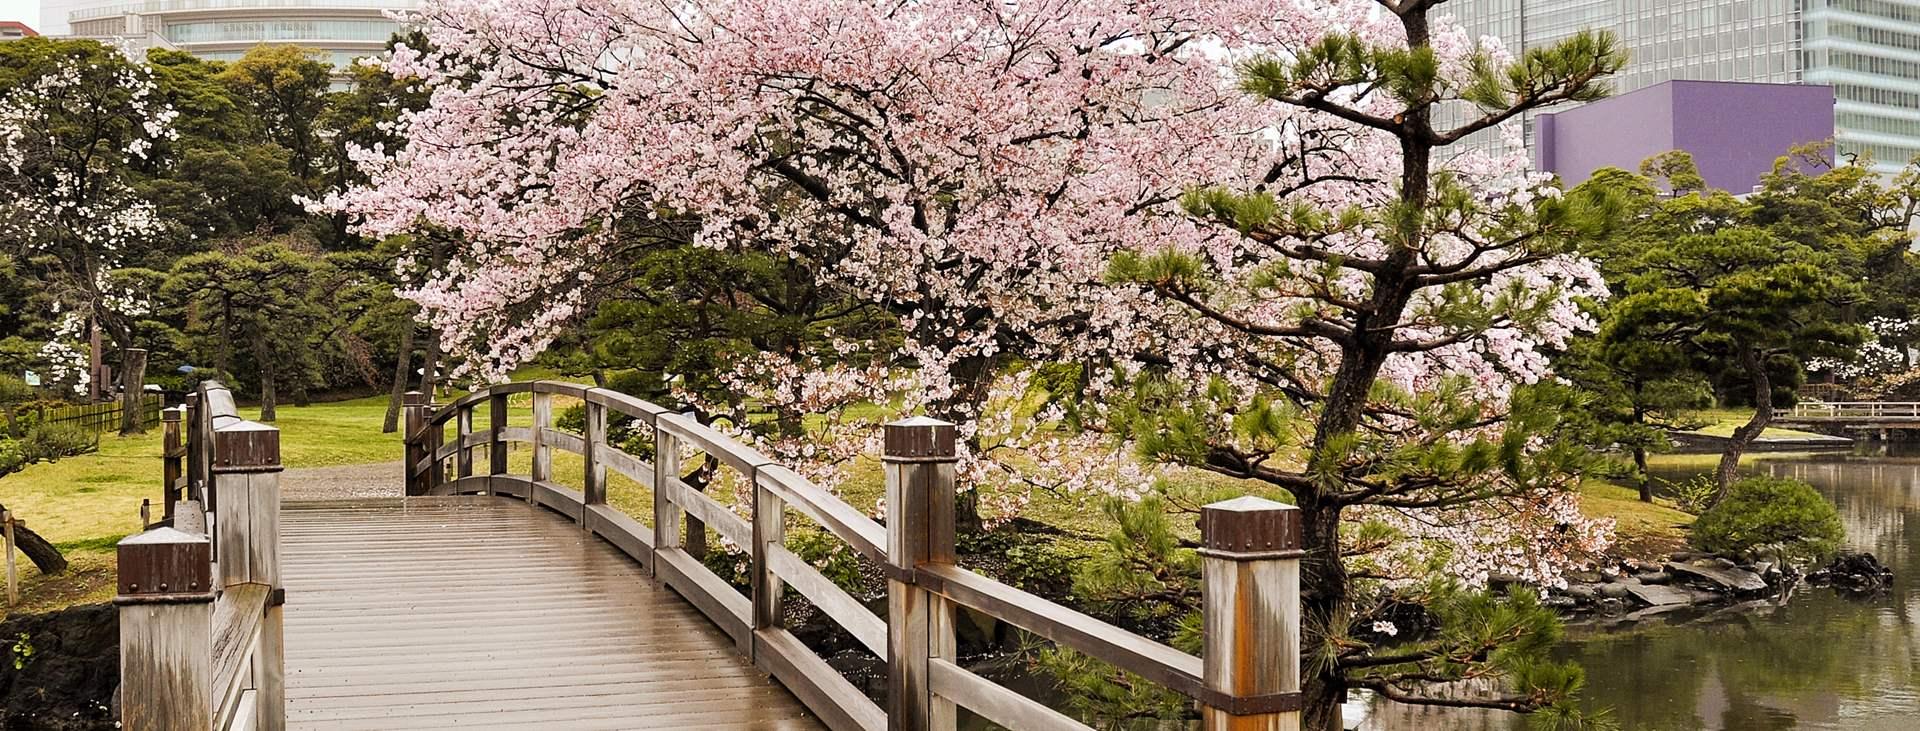 Boka en resa till Japan med flyg och hotell